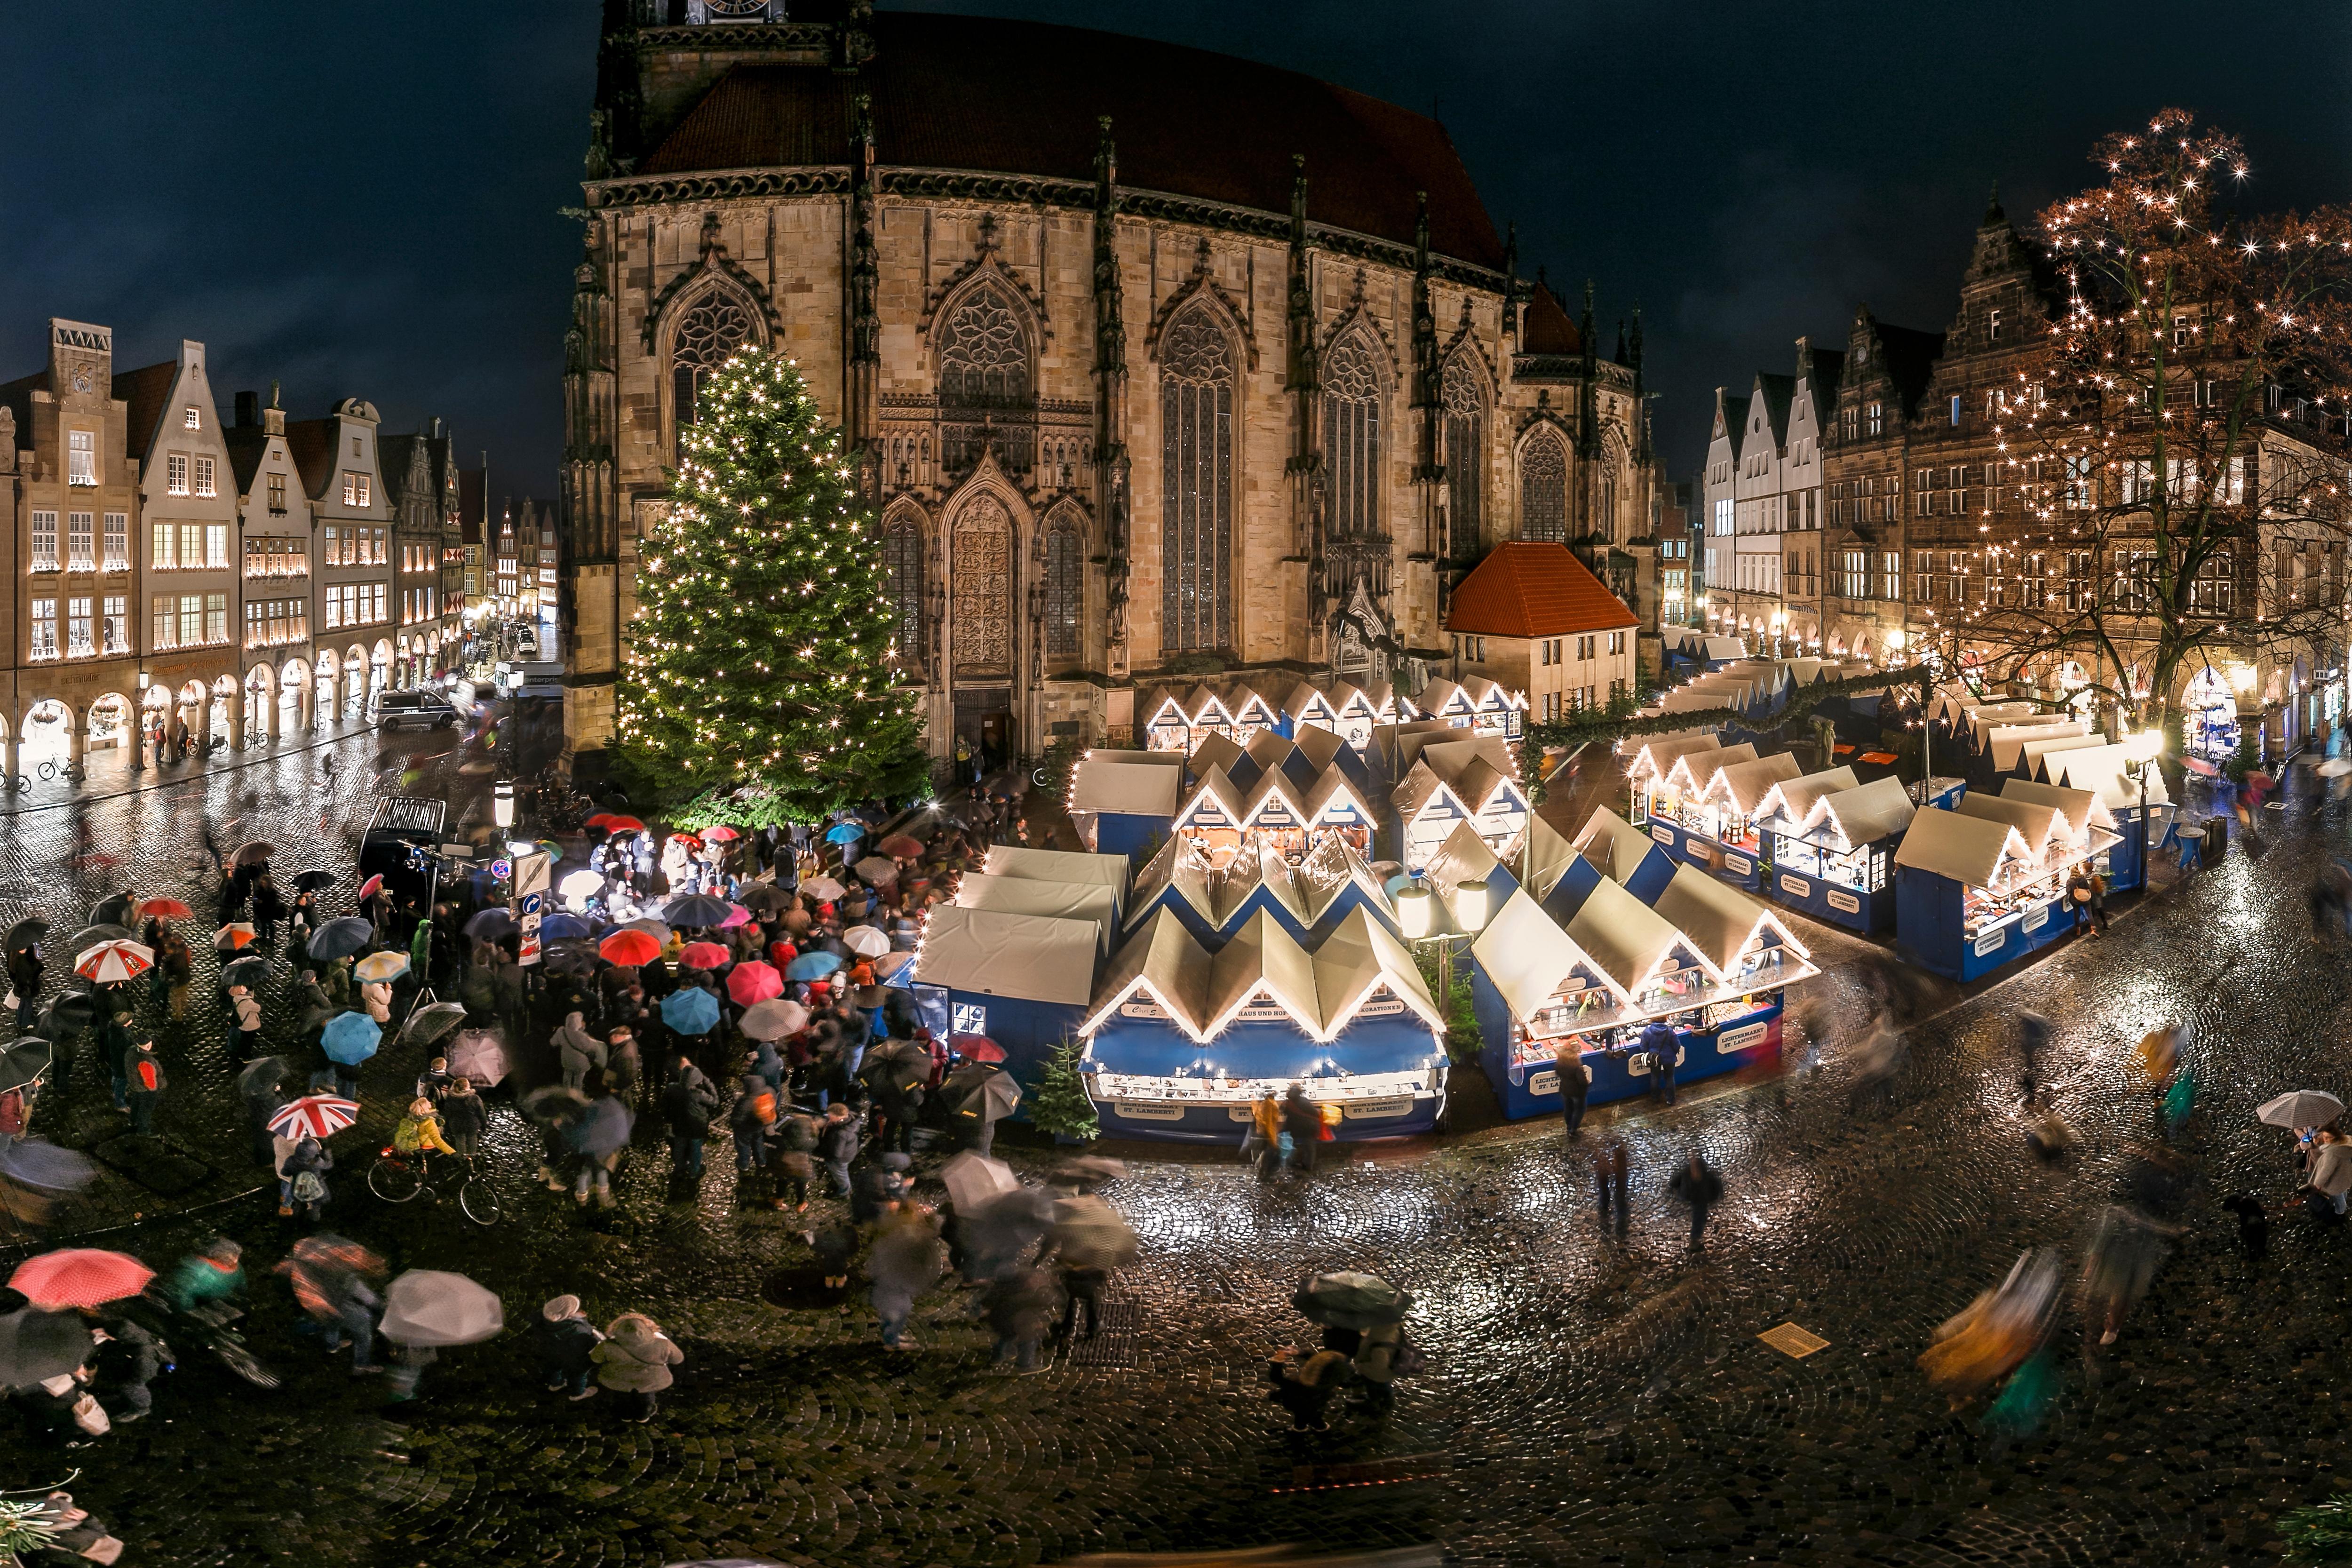 Weihnachtsmarkt Waren 2019.Weihnachtsmärkte In Münster Münstercard